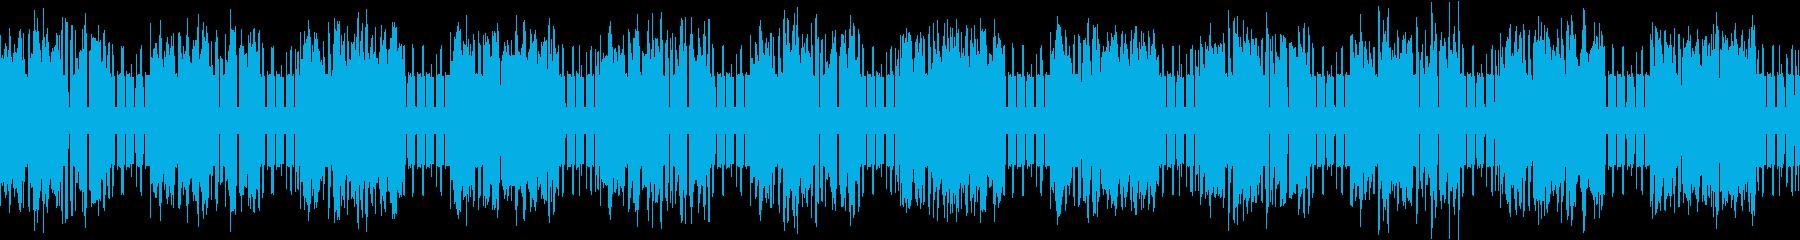 ファミコン風アクションRPGの曲(砂漠)の再生済みの波形